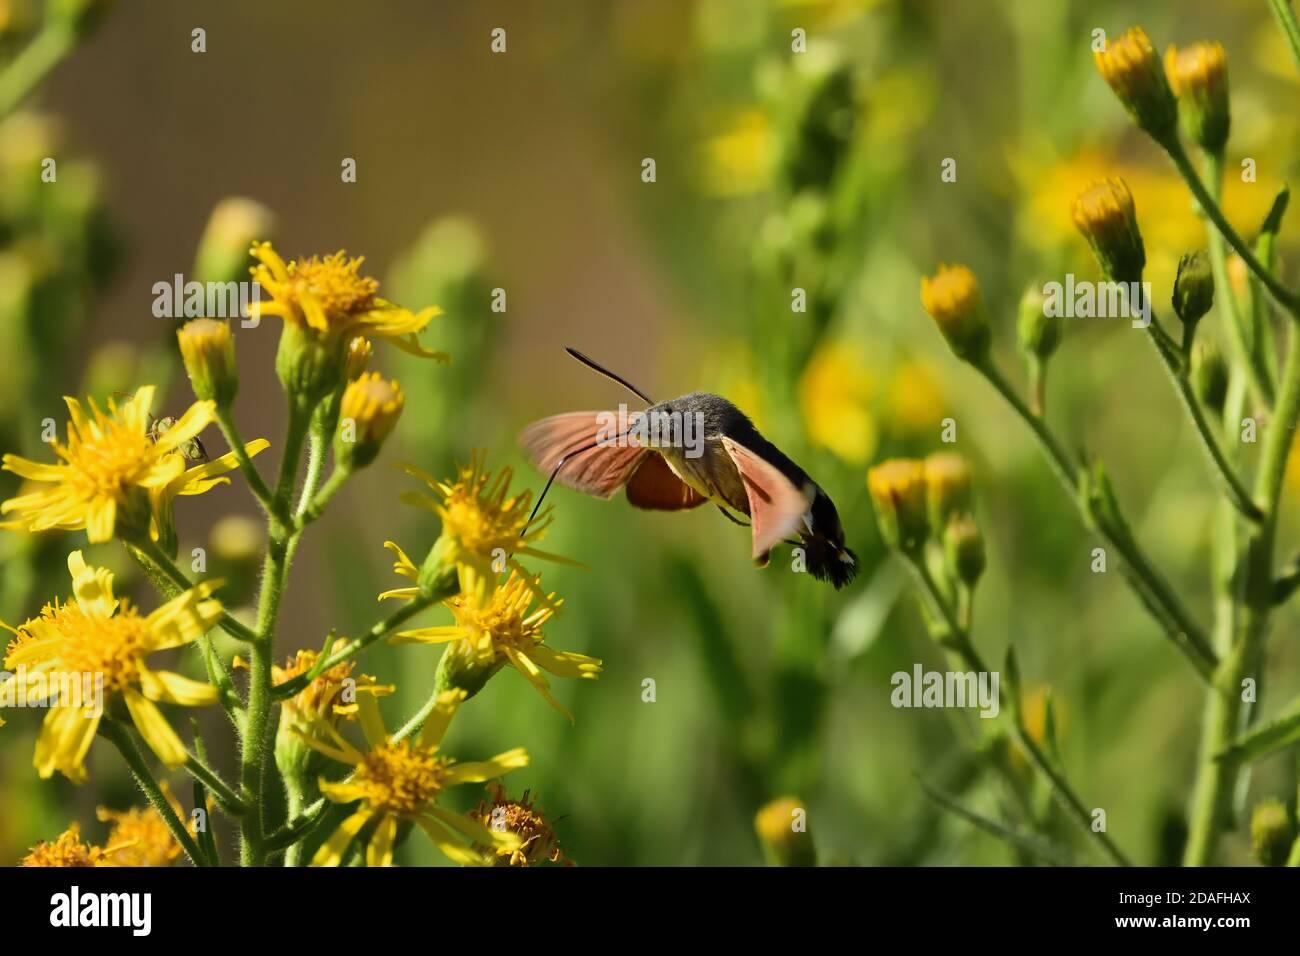 Espécimen aislado de colibrí de polilla de halcón (Macroglossum stellatarum). Vuela rápido de flor a flor y también se llama el Hummingbird Sphinx. Foto de stock